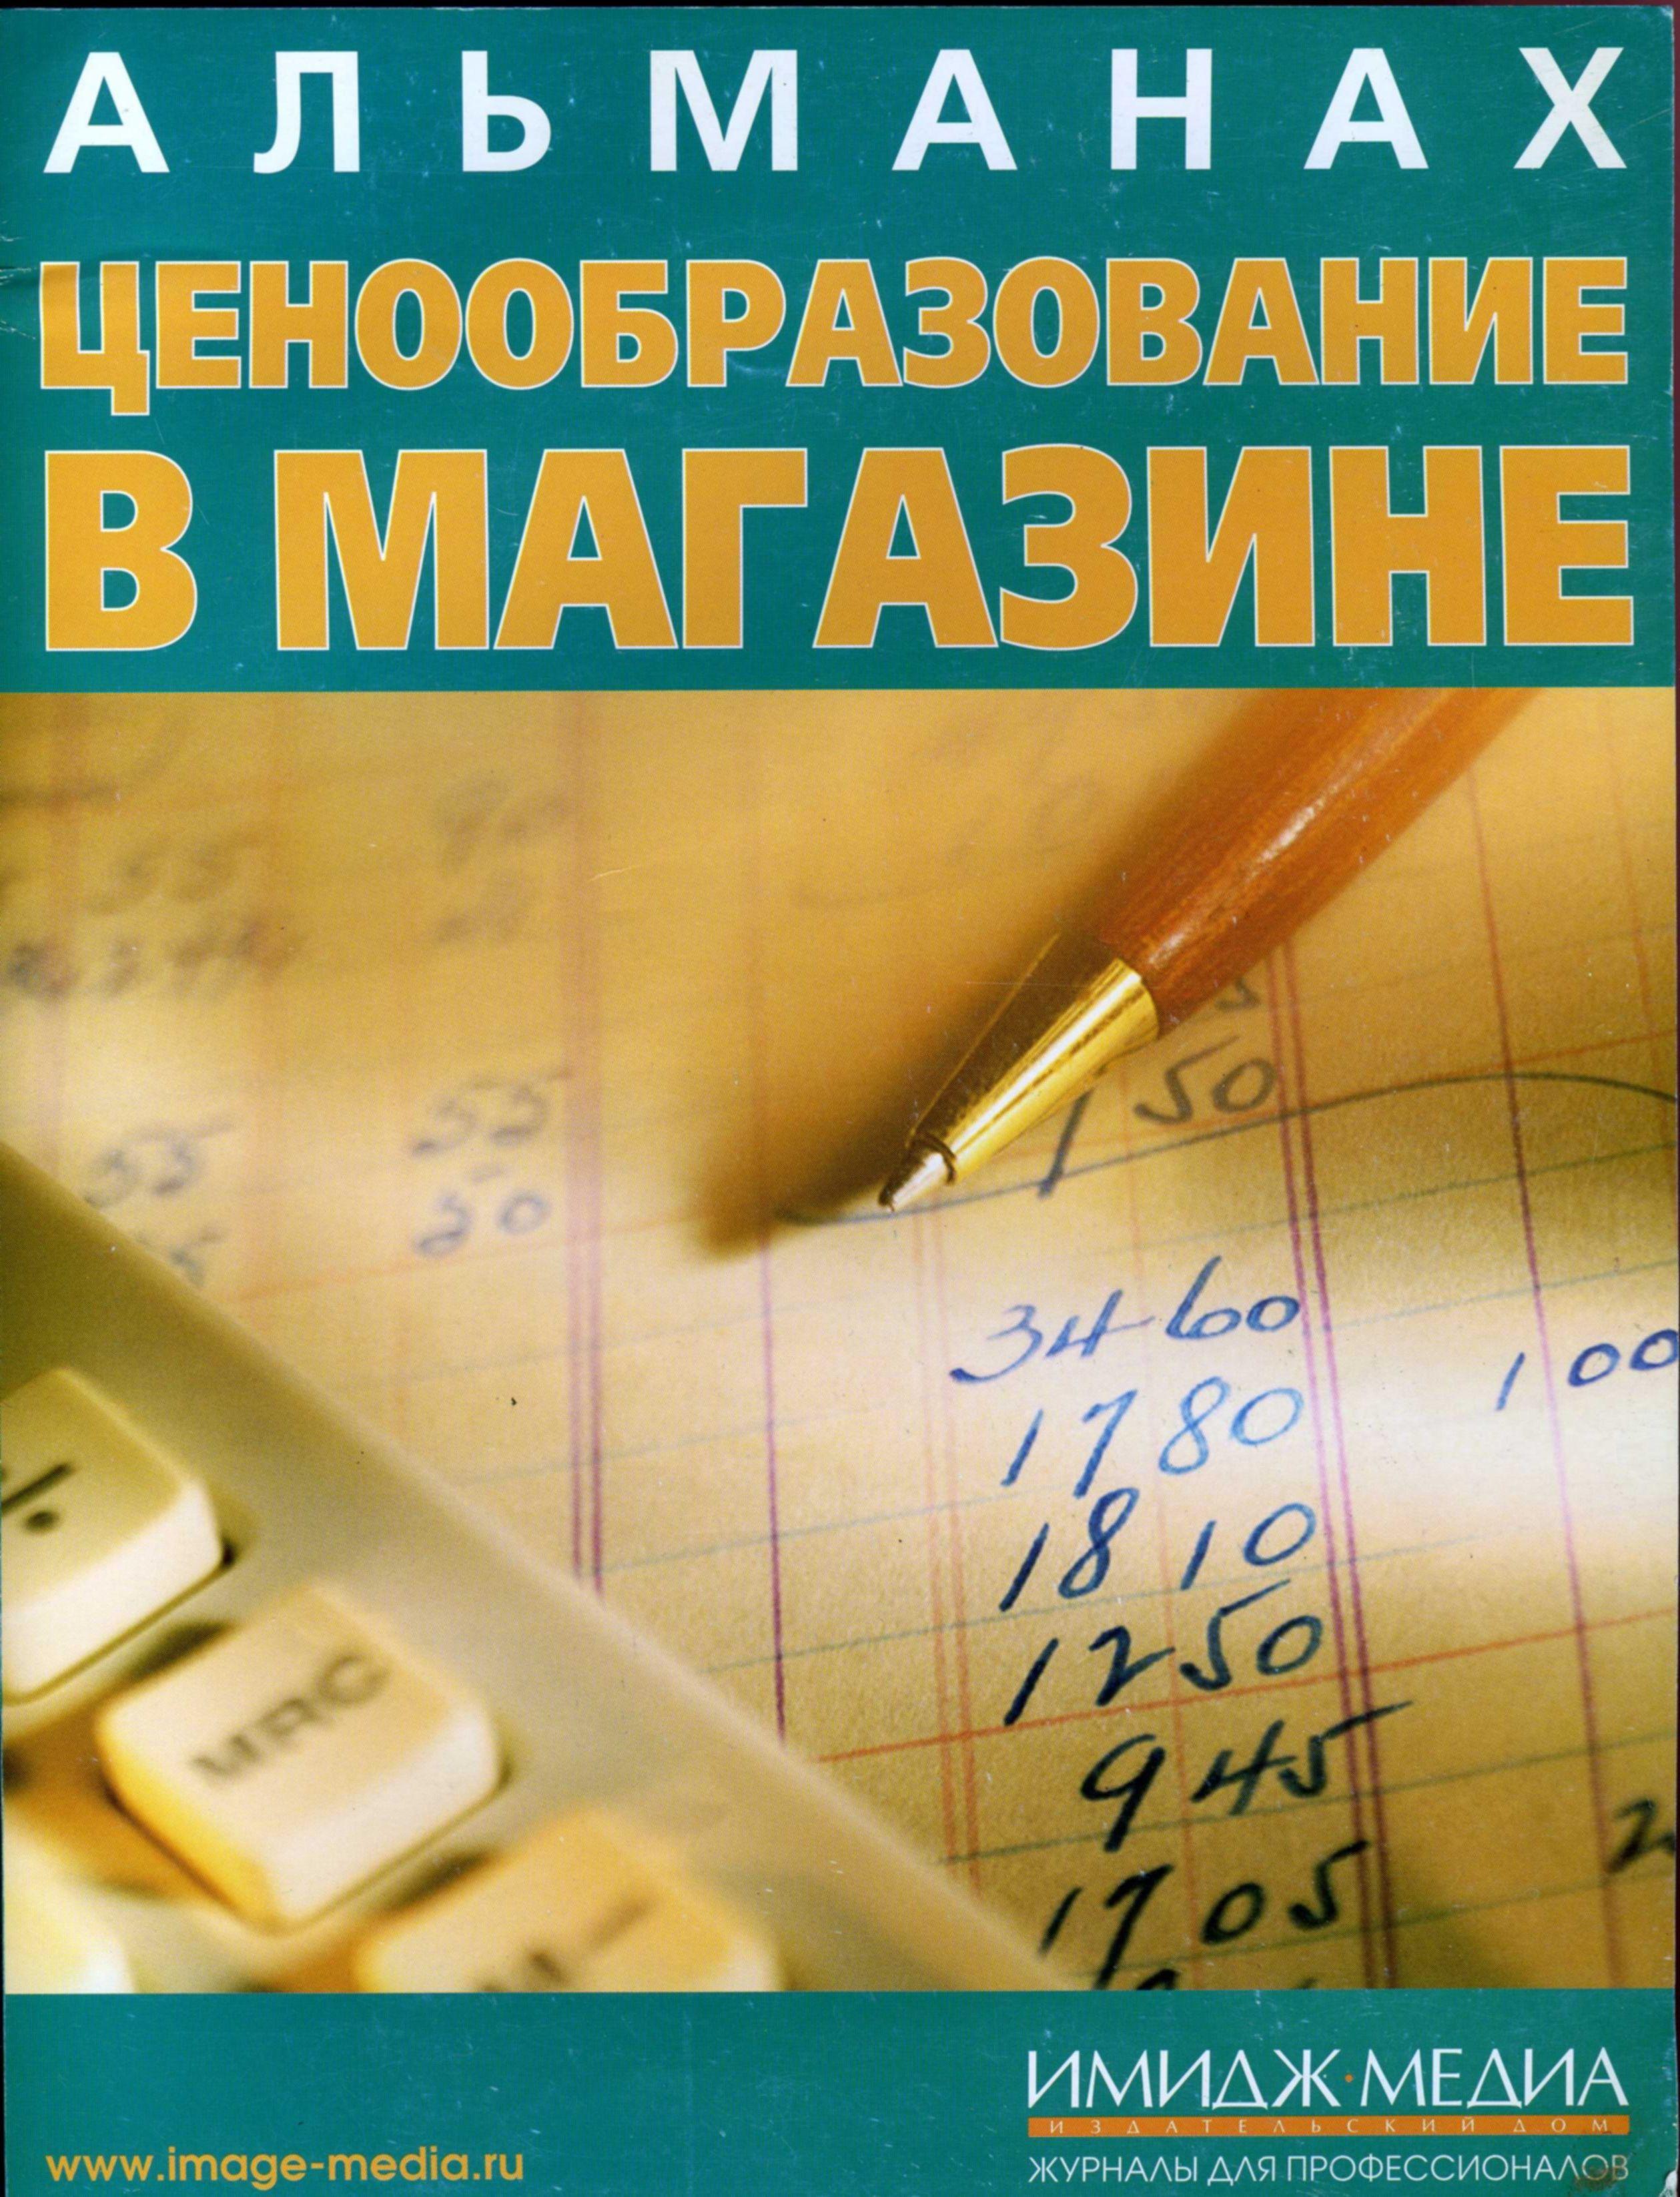 Ценообразование в магазине (альманах)